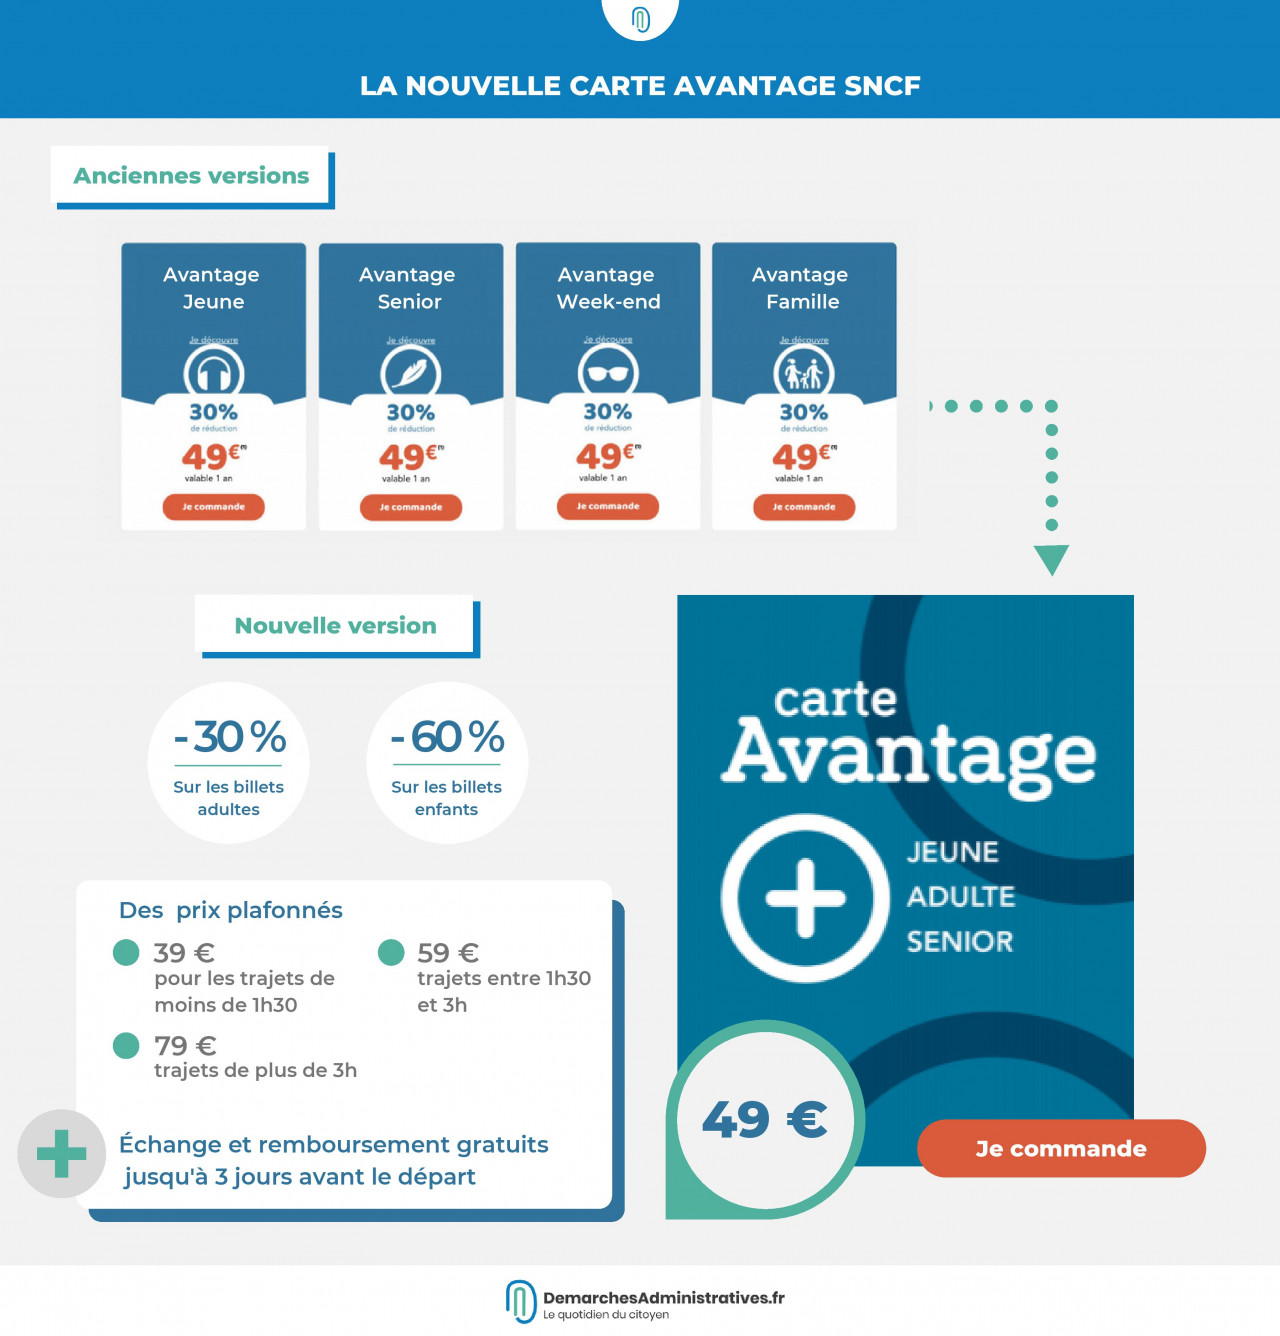 SNCF : une carte Avantage simplifiée